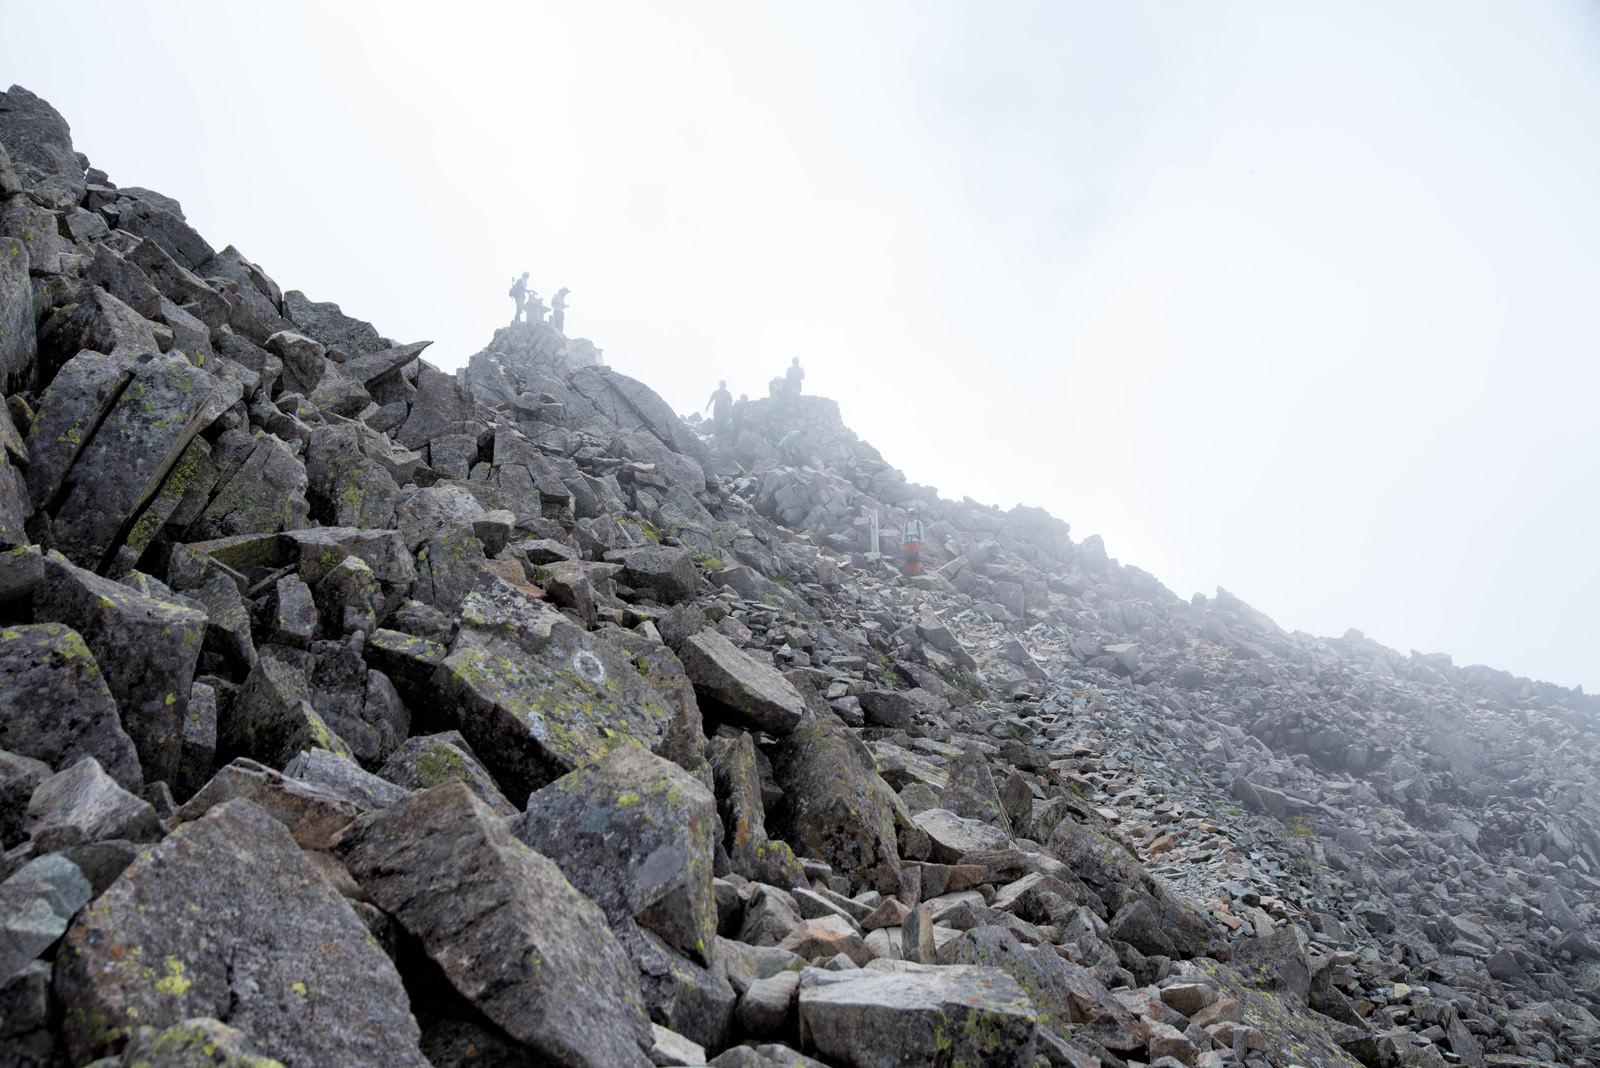 「霧のジャンダルムと登山者(奥穂高岳山頂)」の写真